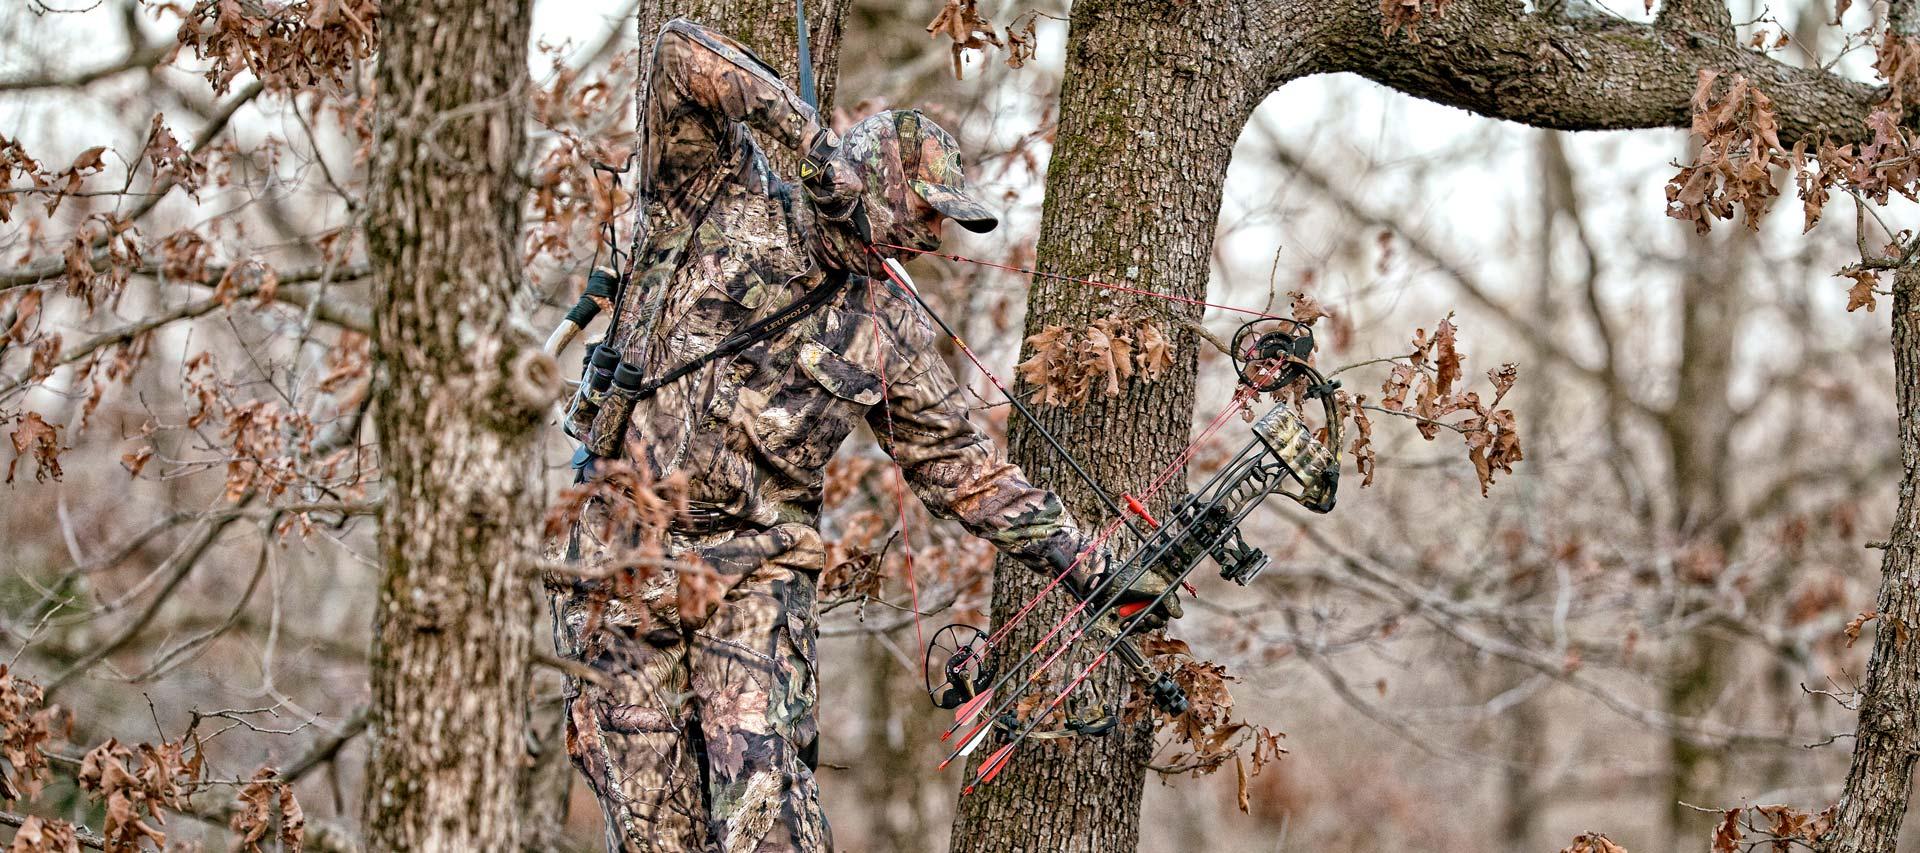 Mossy Oak Break-up Country Lifestyle Photo - Mossy Oak Breakup Country - HD Wallpaper